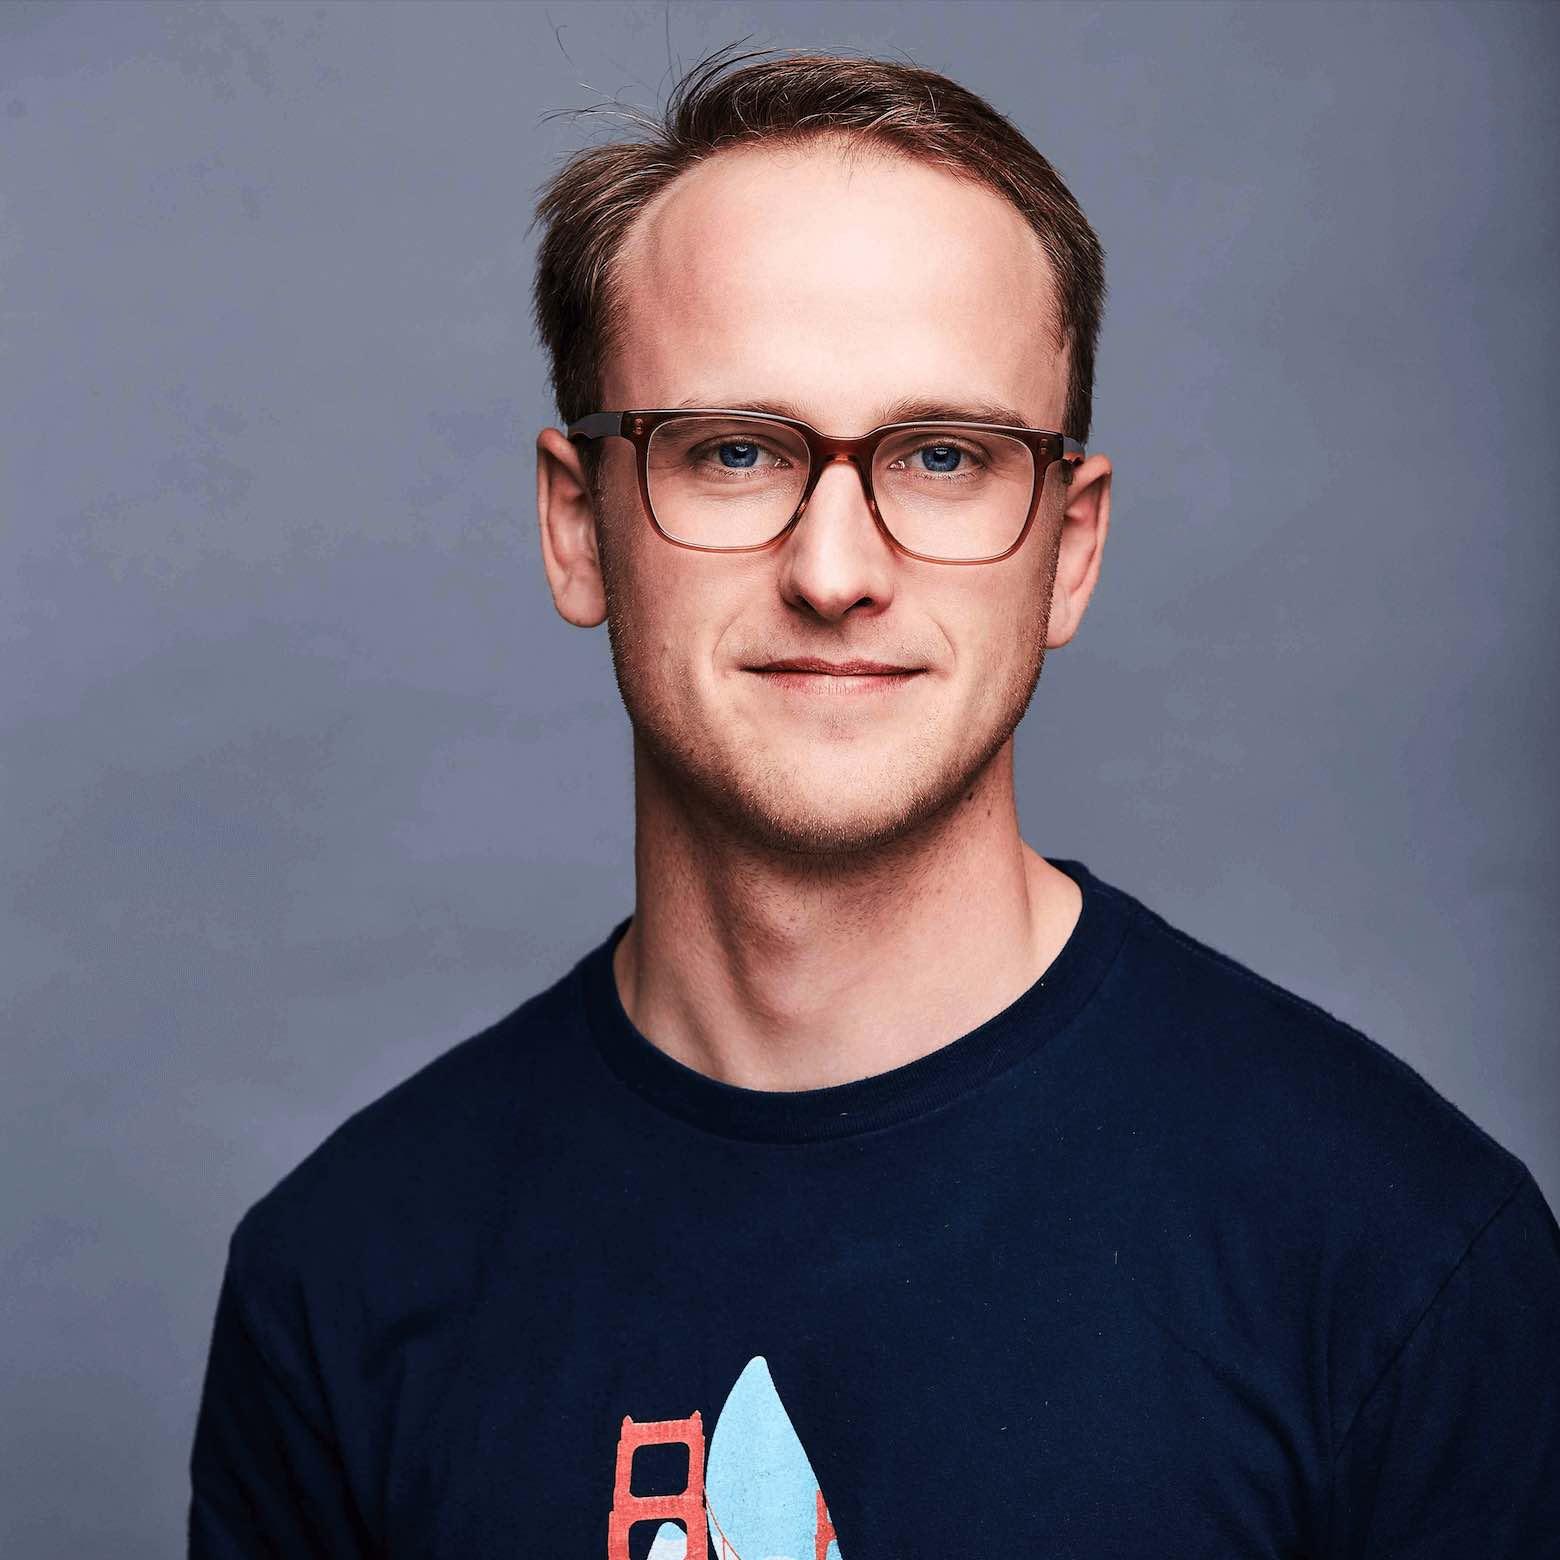 Headshot of Max Rehkopf